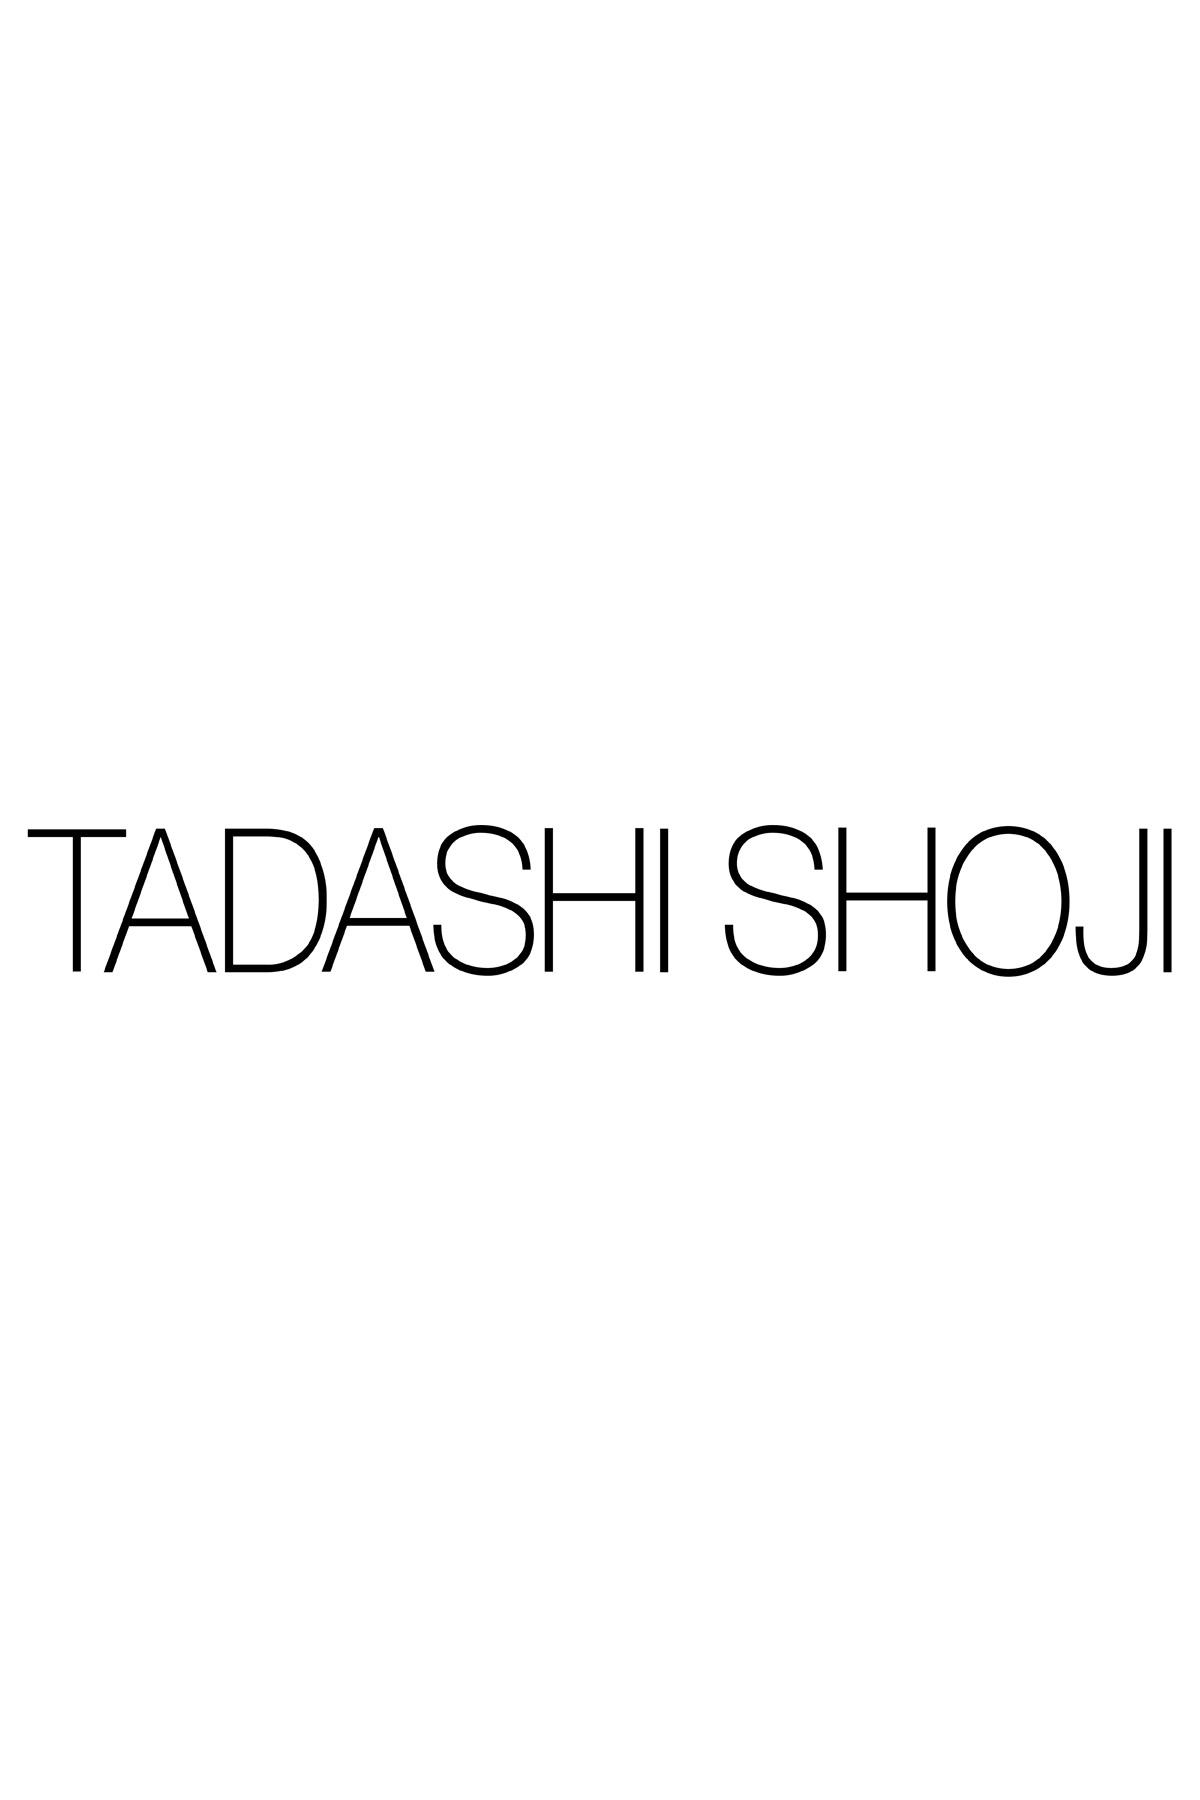 Tadashi Shoji - Heron Dress - Detail